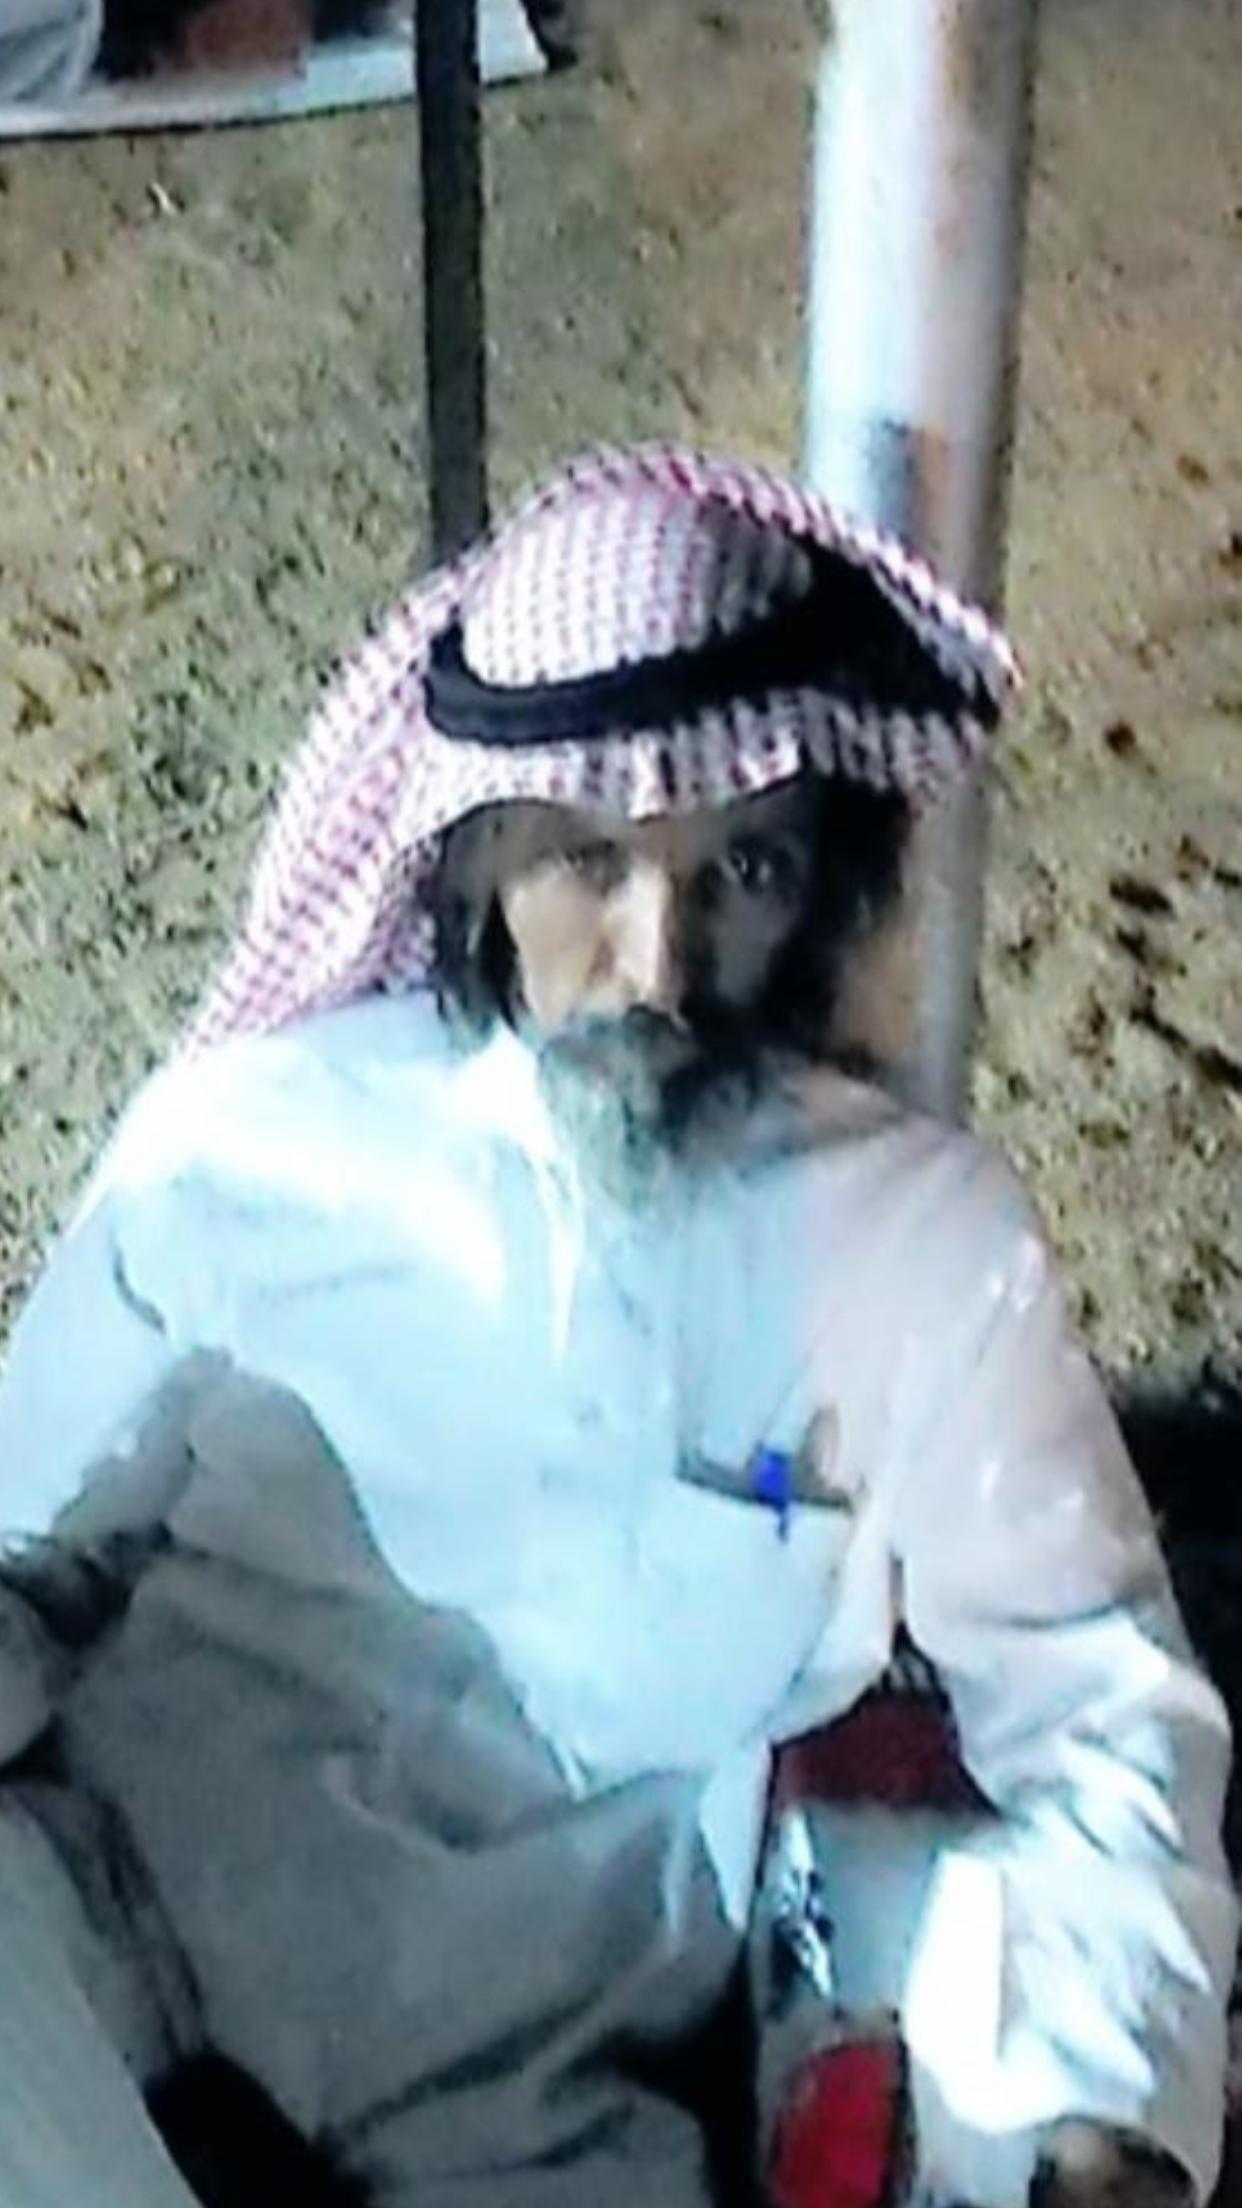 الشاب / حمدان فرج الجحم البلوي يحتفل بزواجه 8463A40E 9B6B 4F4D 8F50 BDEB41E13CD1